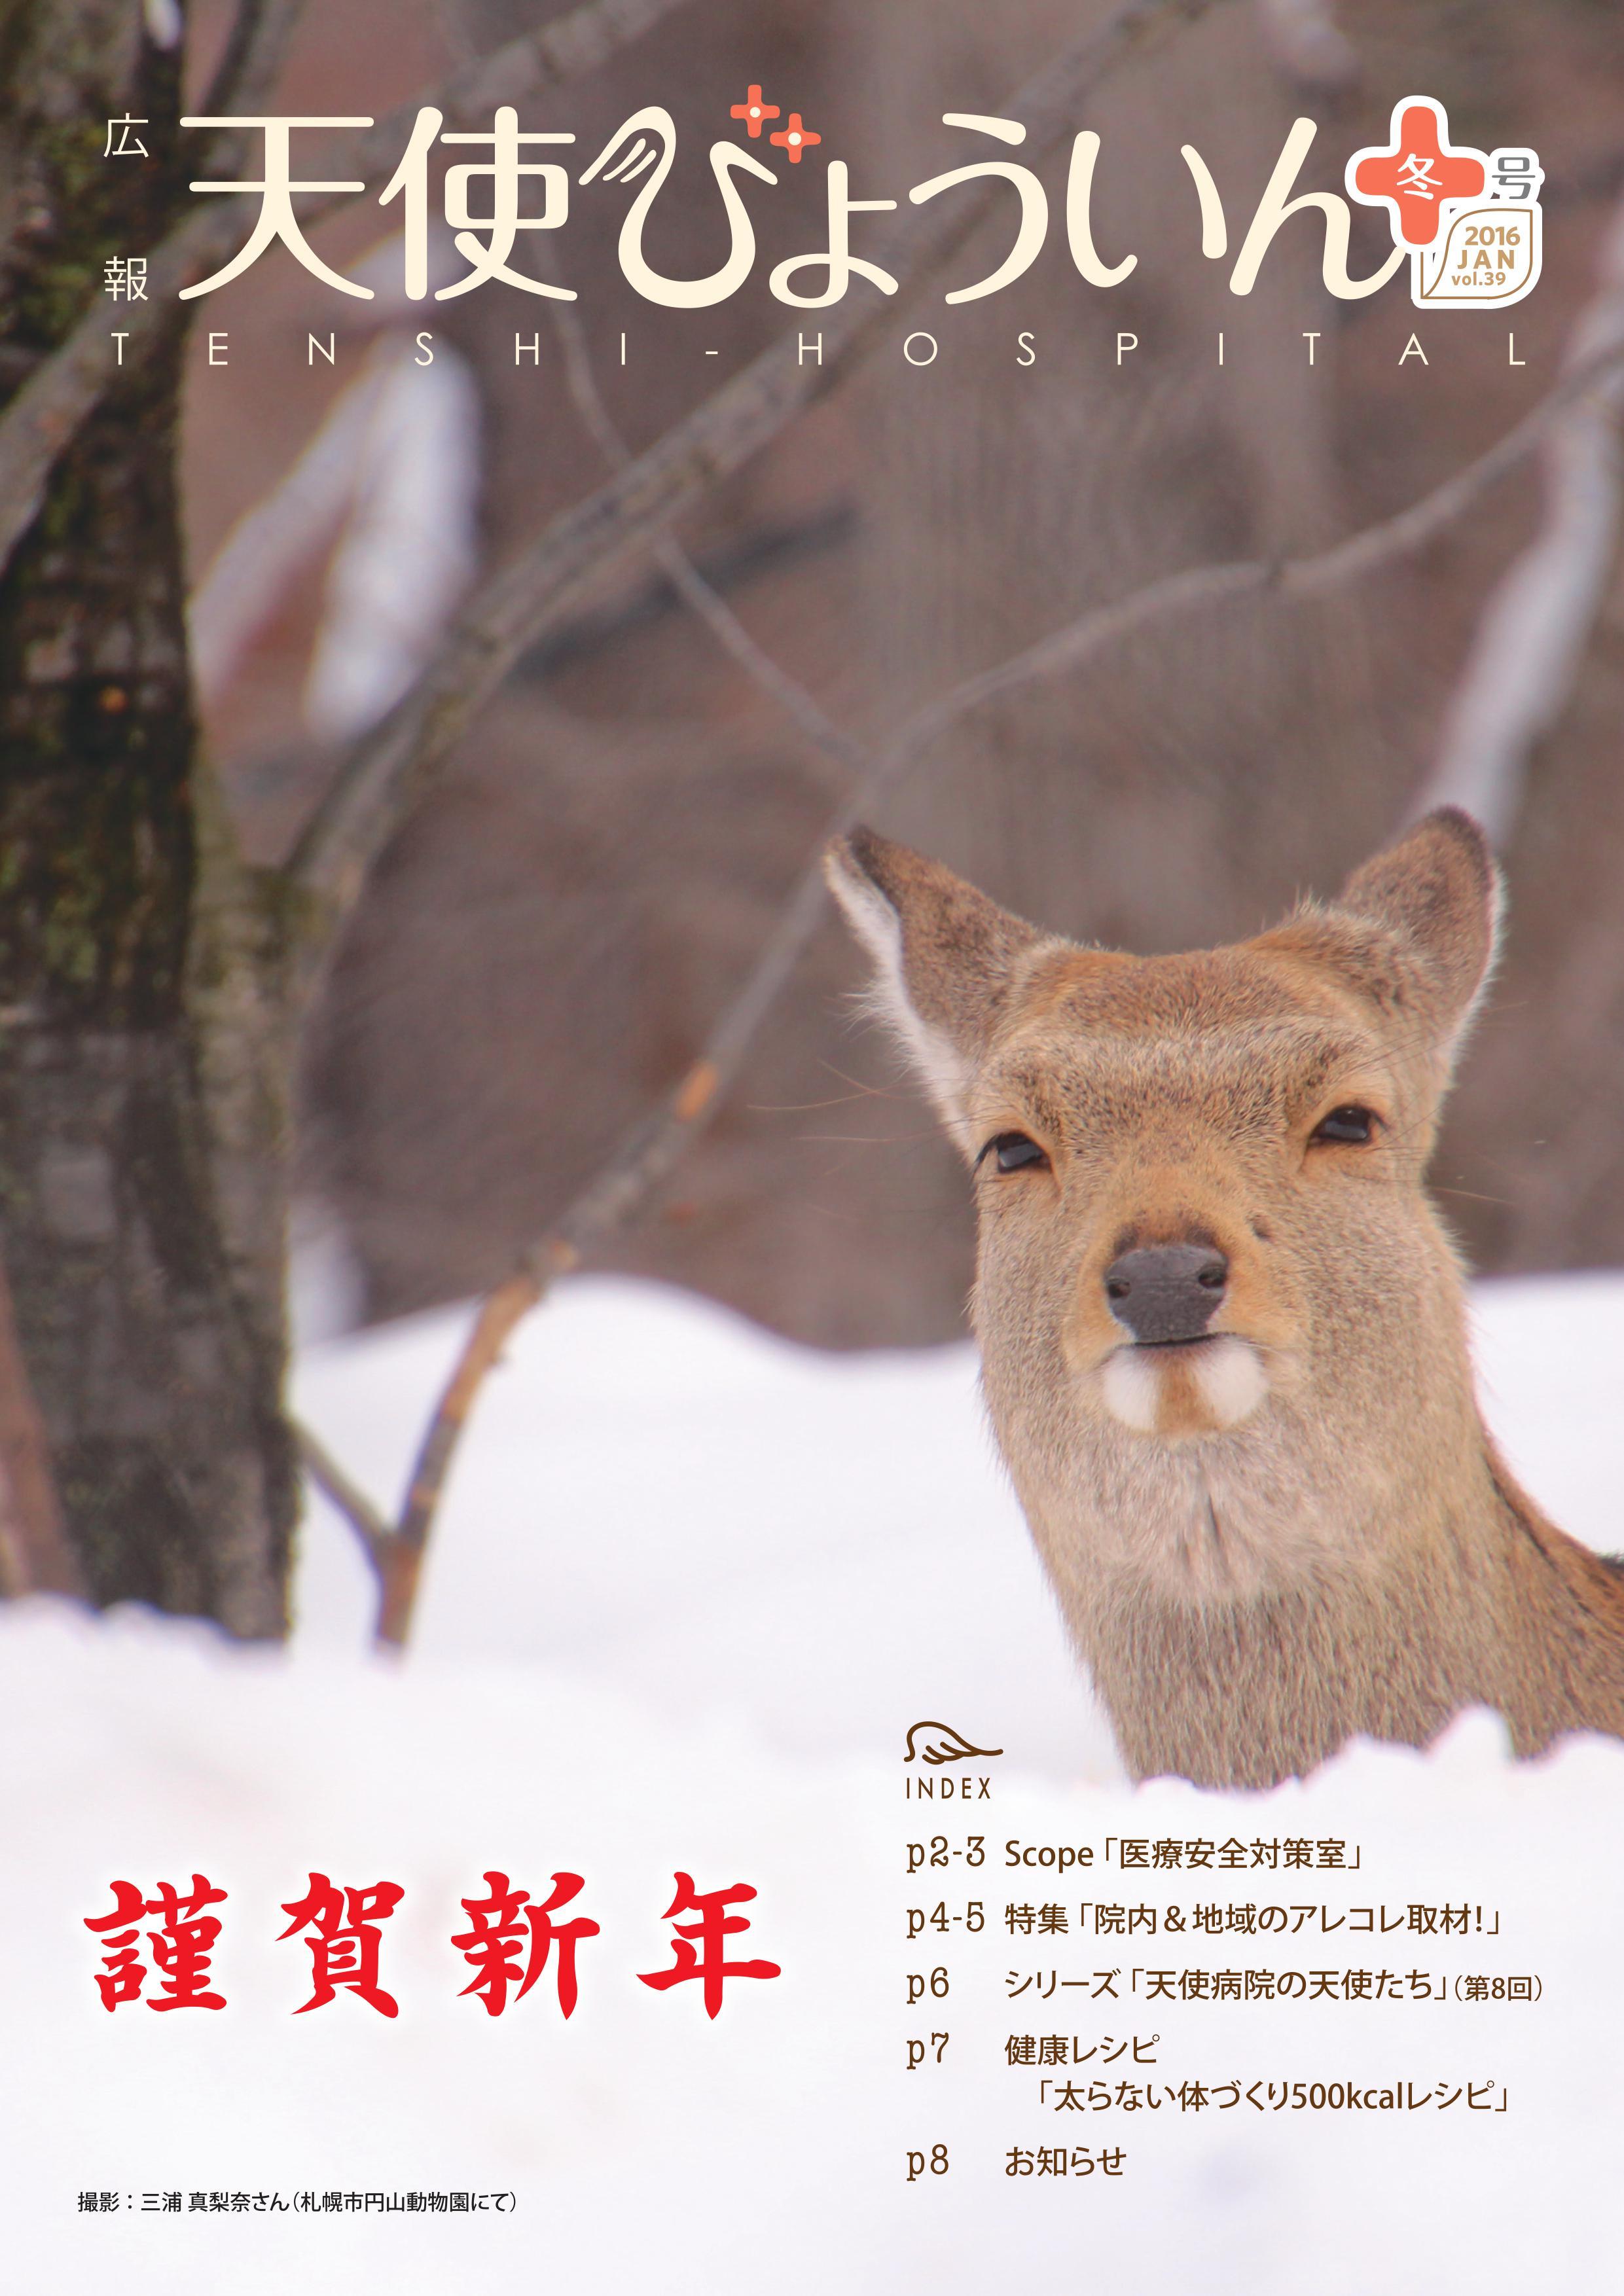 2015広報誌冬号(Vol.39)_表紙.jpg